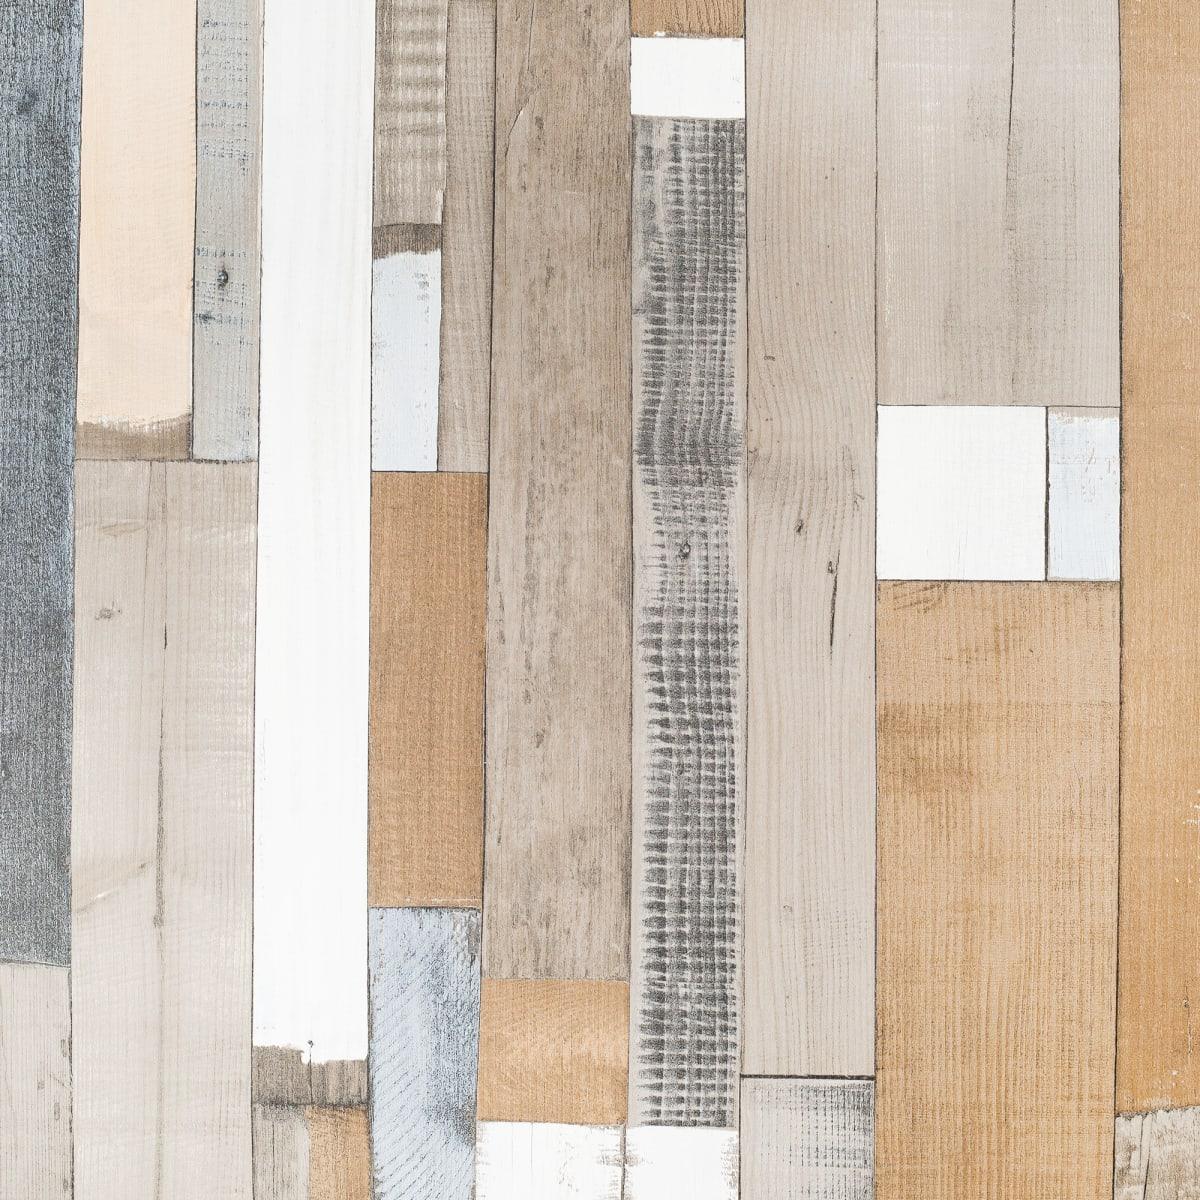 Стеновая панель «Бэлфаст», 240х0.6х60 см, ДСП